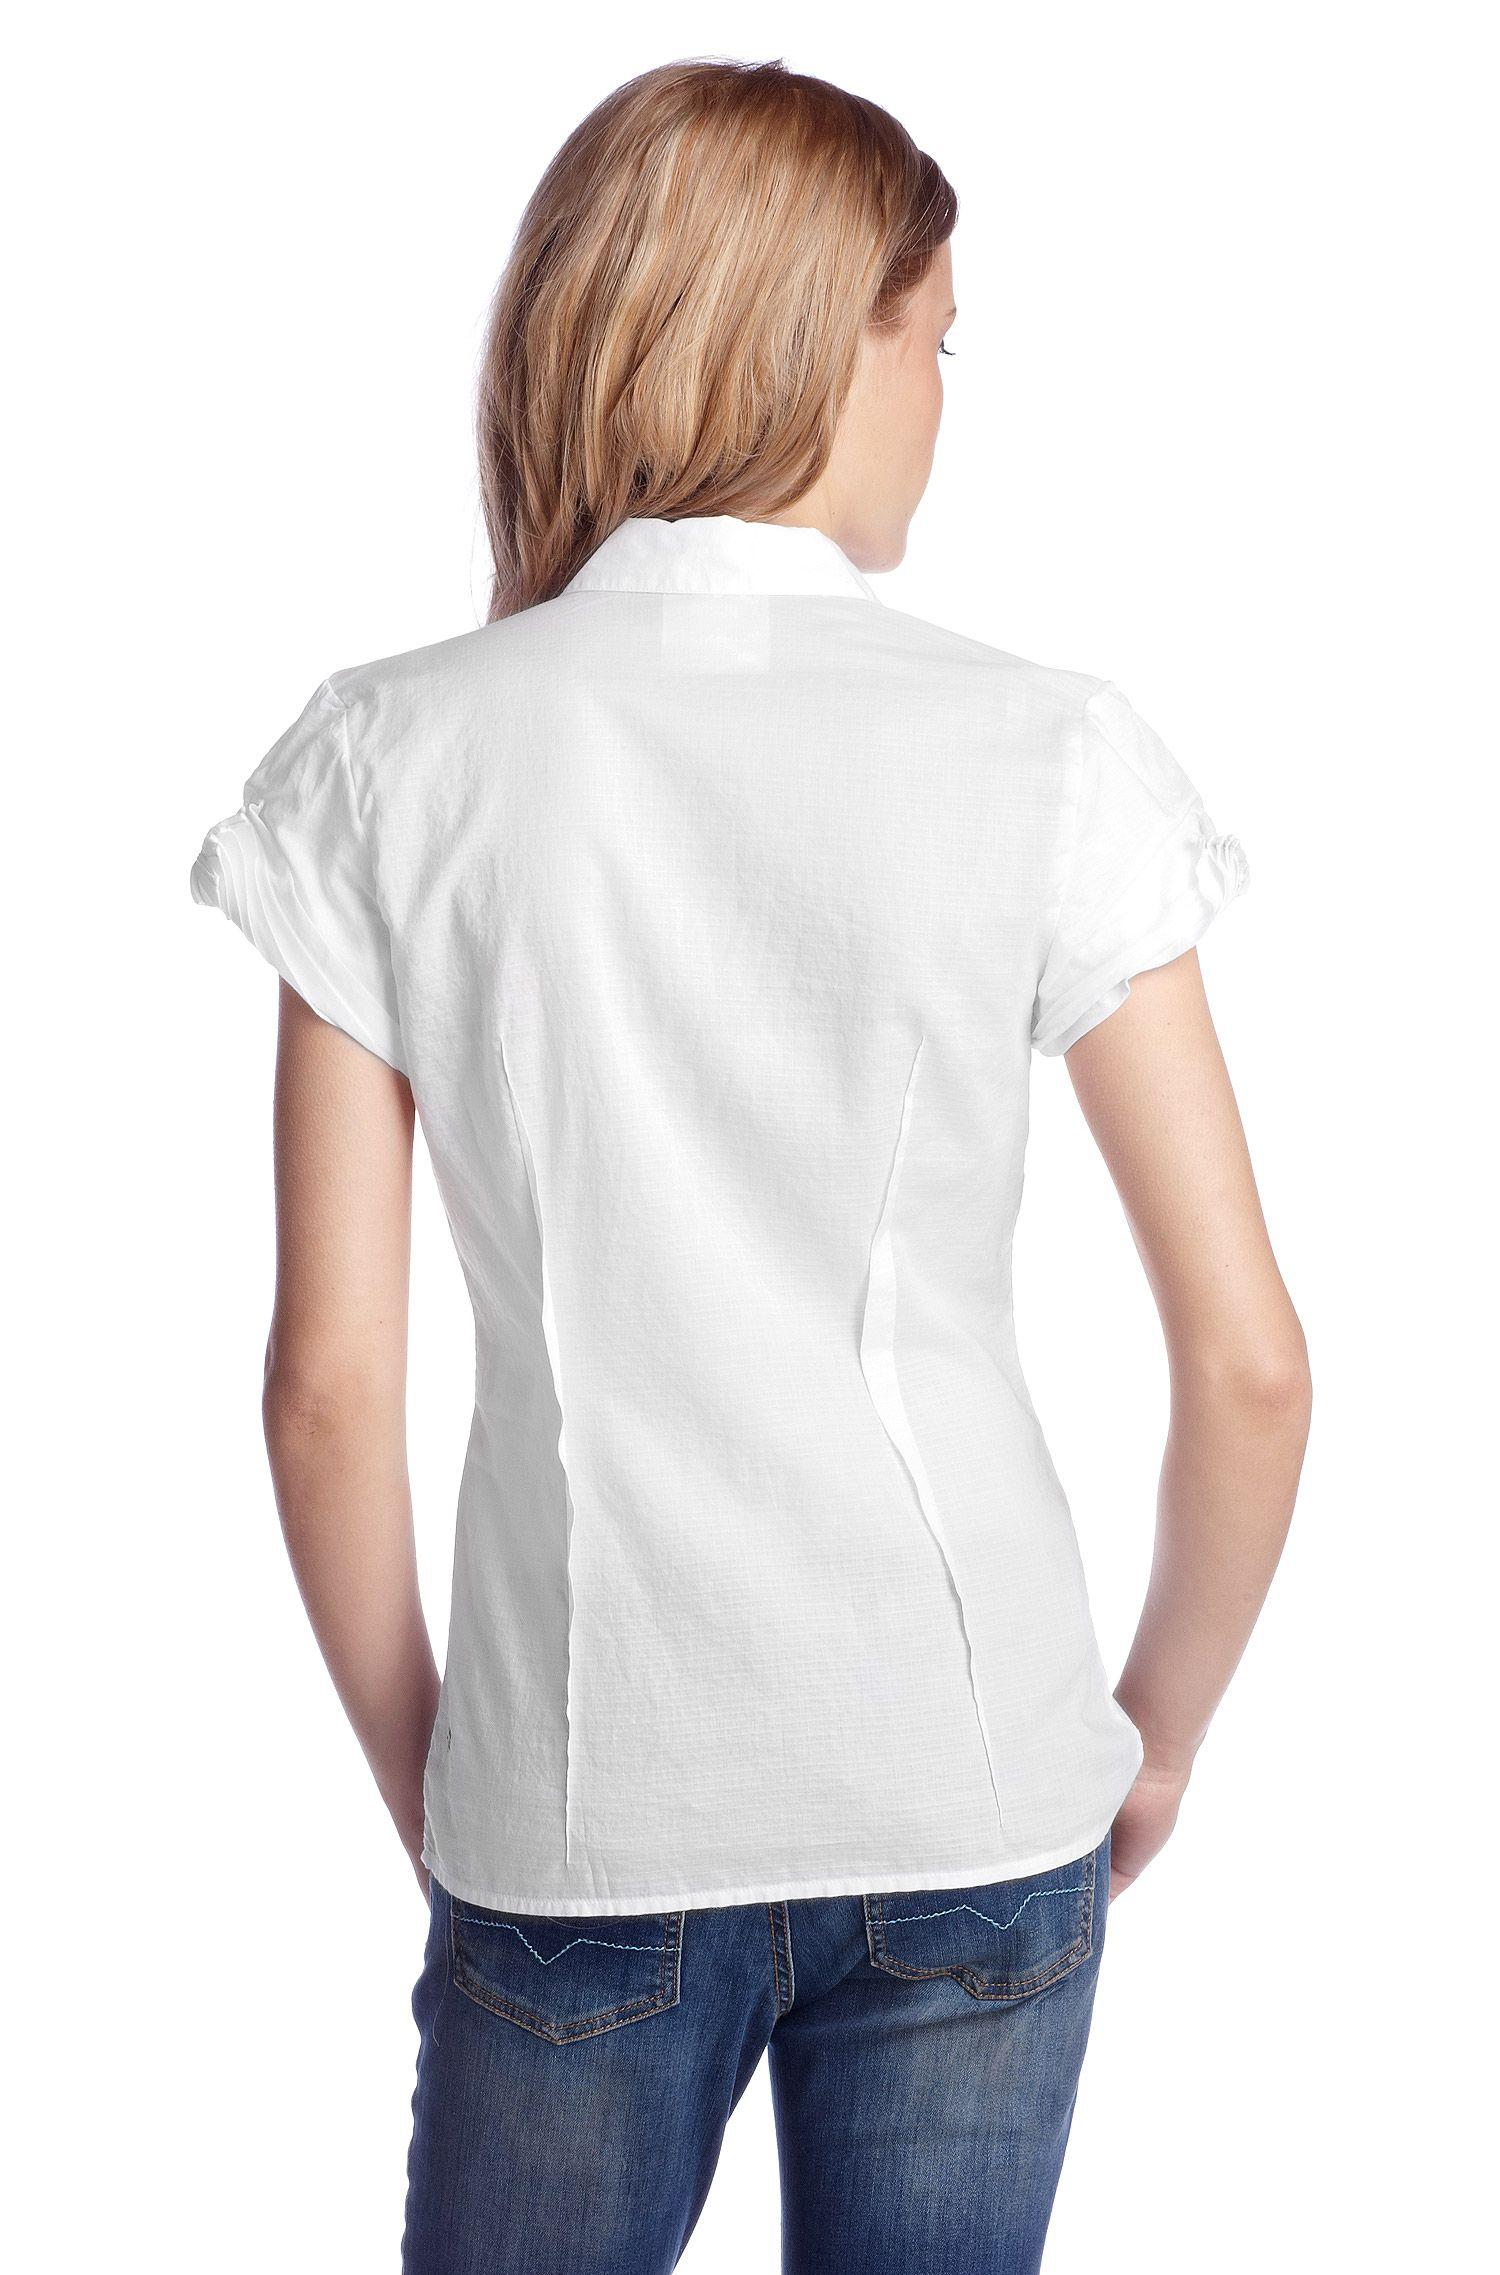 Bluse ´Elodiee_1` mit Kurzarm und Kentkragen